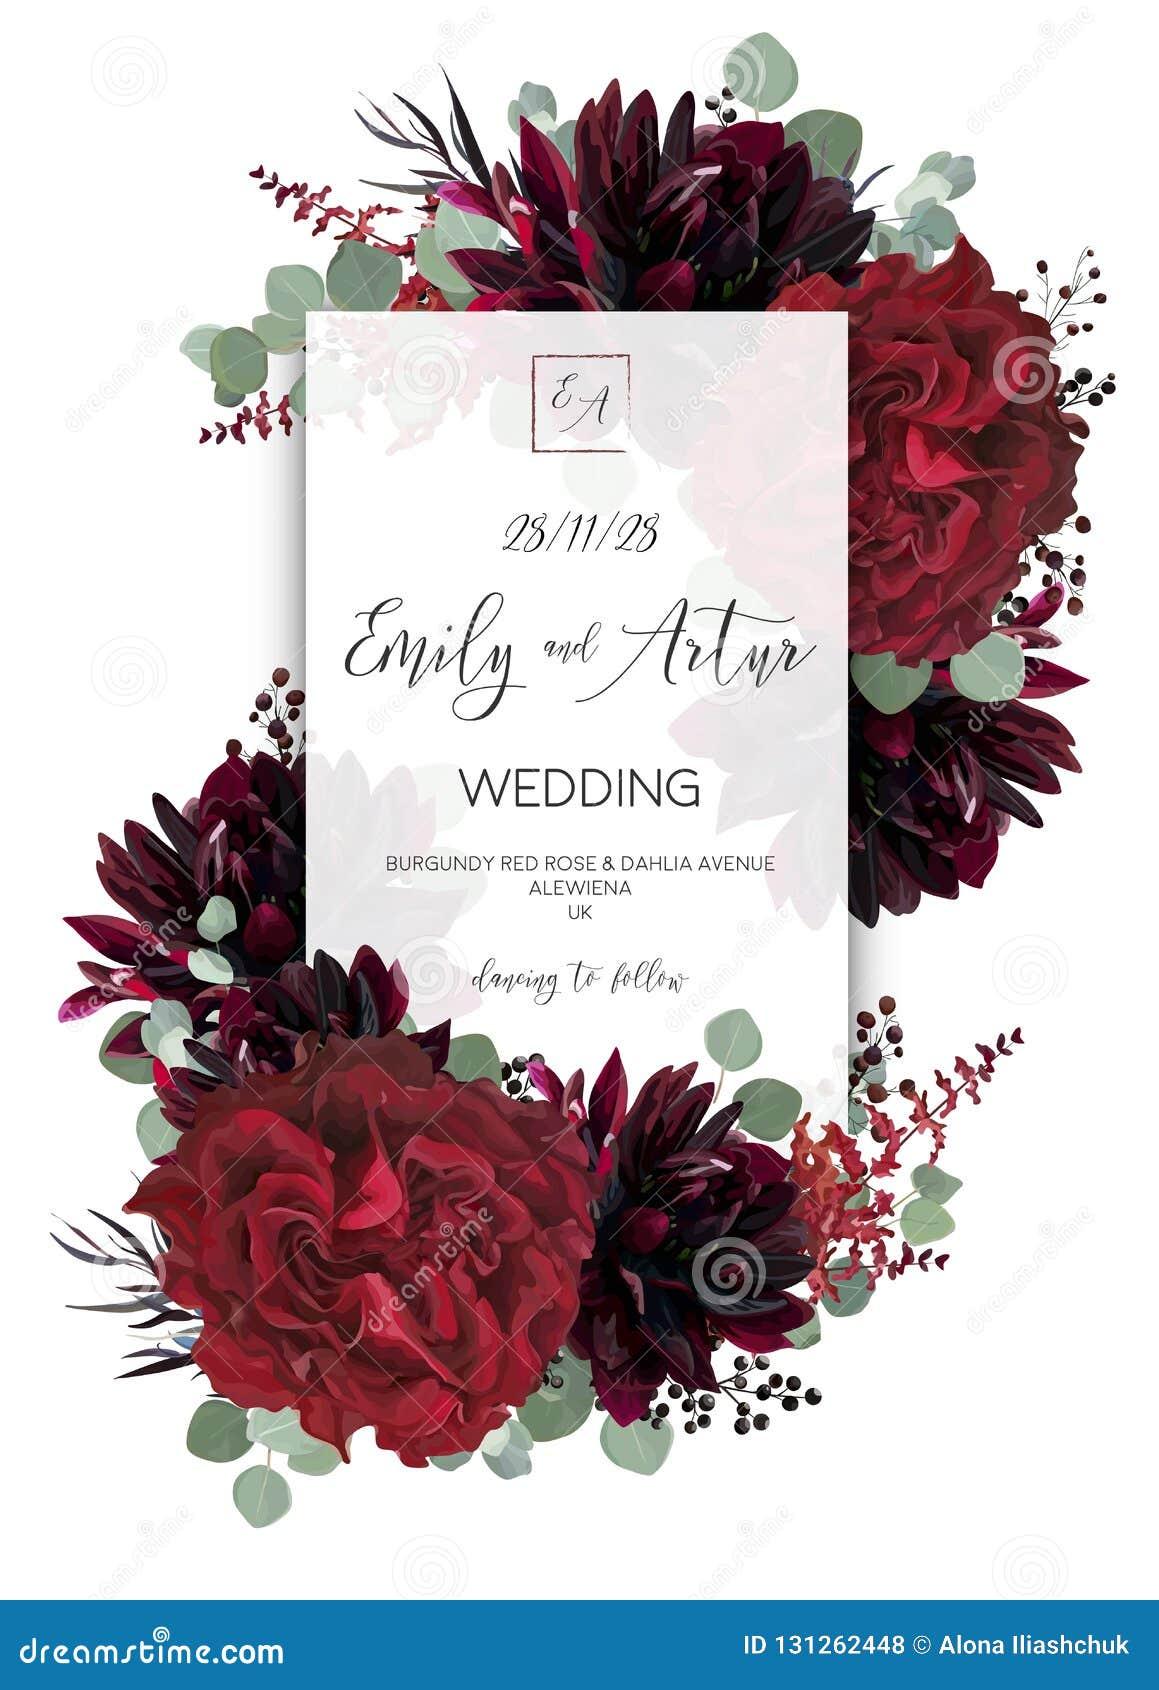 Der Blumen Hochzeitsvektor laden, Einladung außer dem Datumskarte desi ein